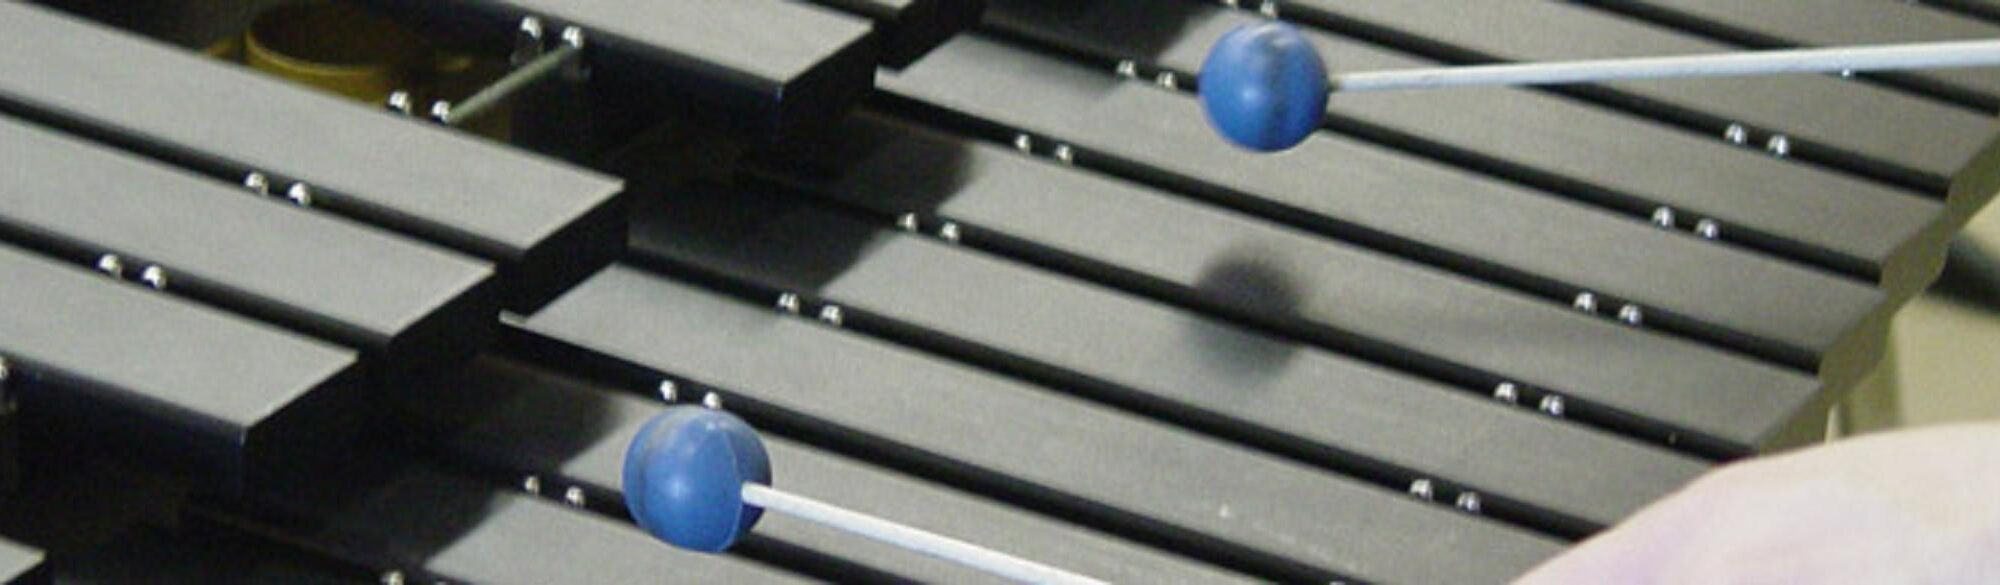 photo of xylophone